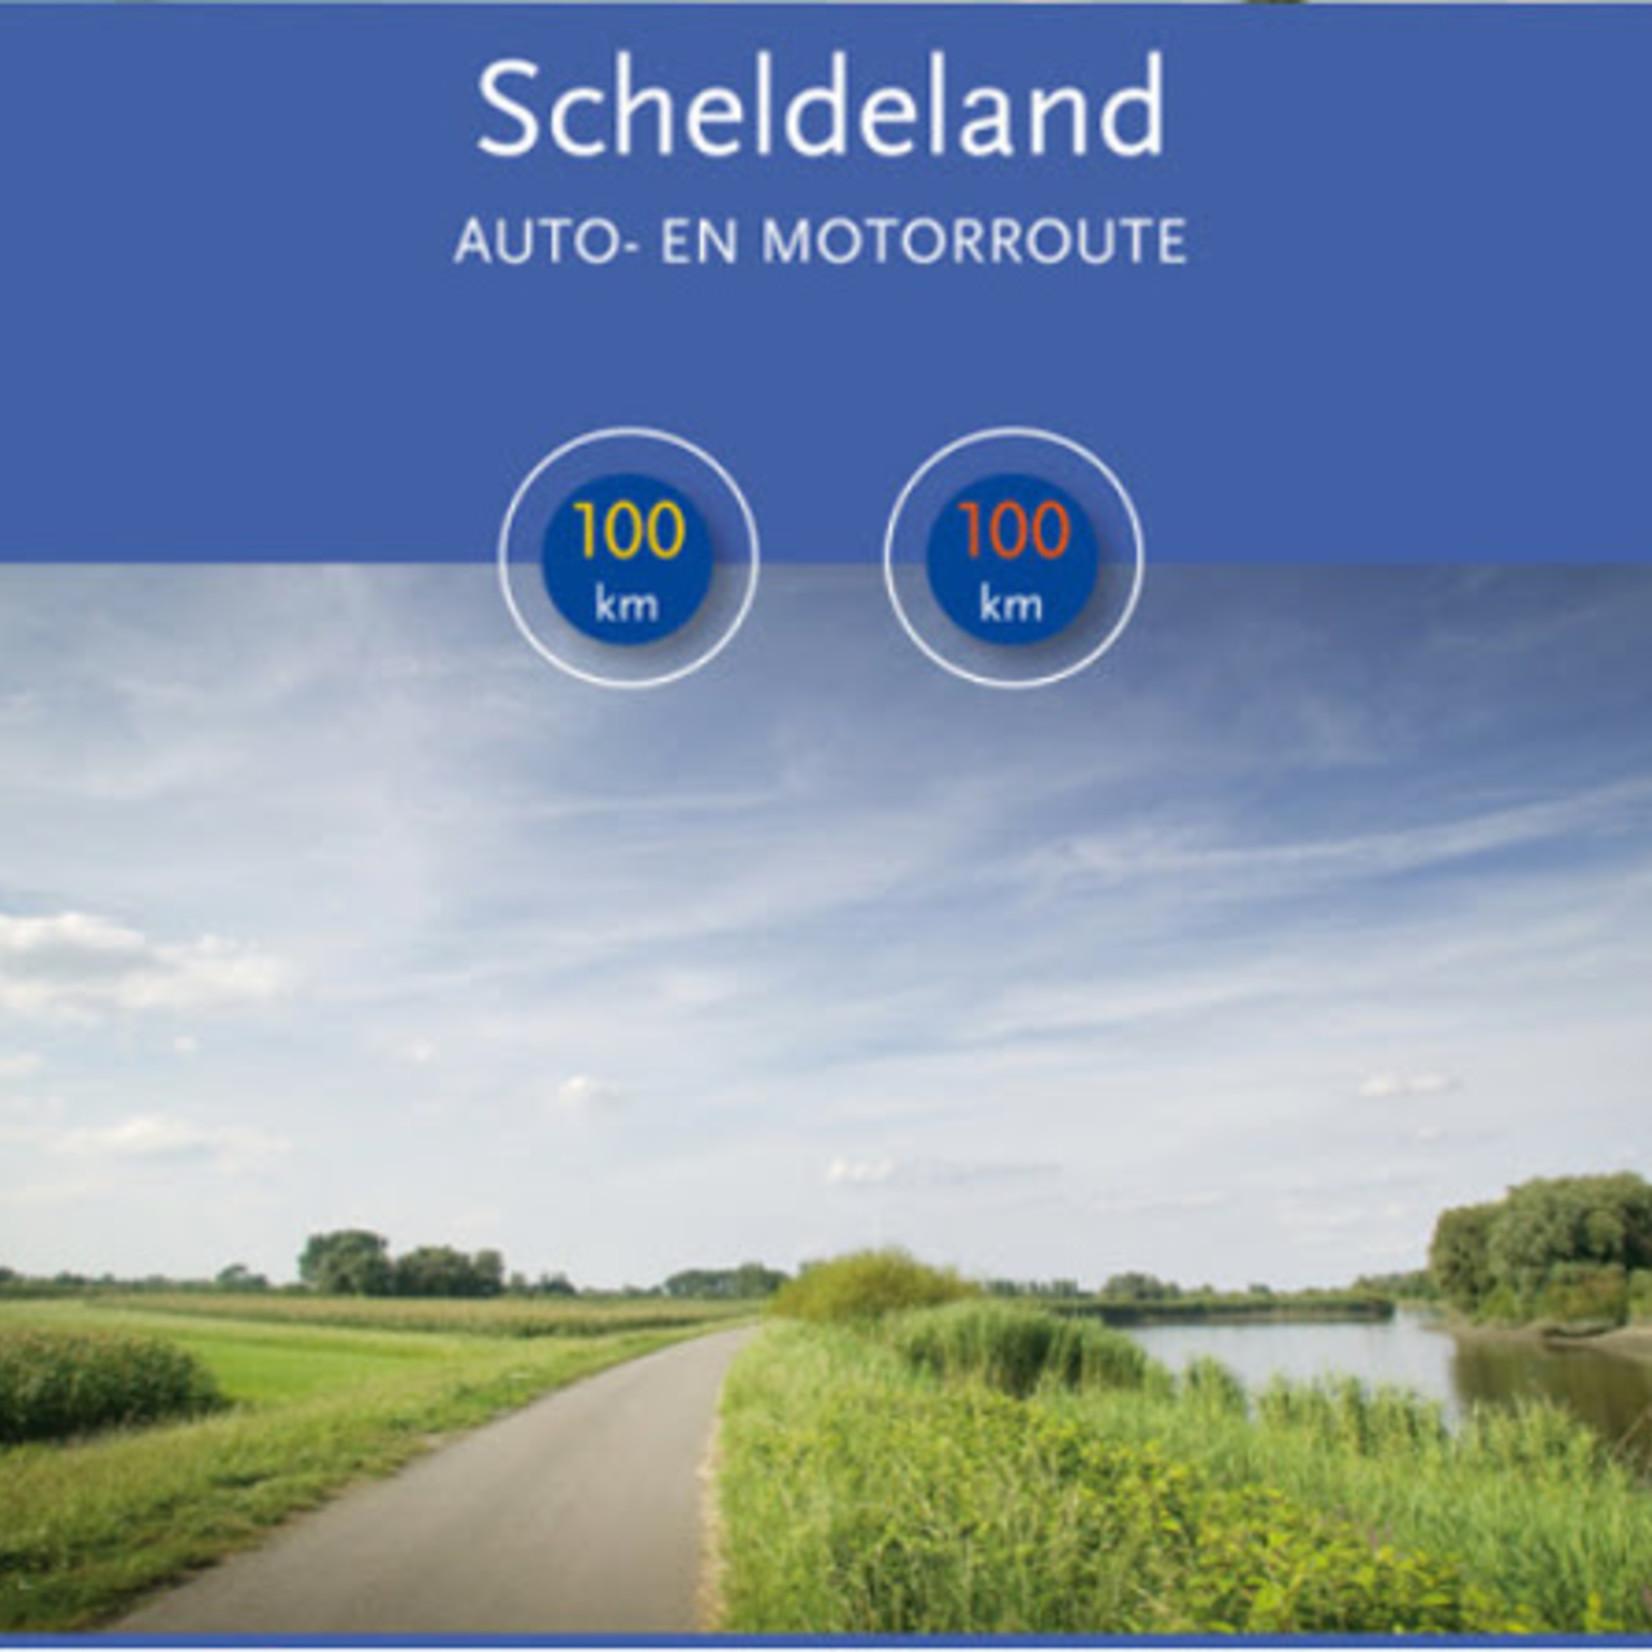 Auto/motorroute 'Scheldeland' (100km)